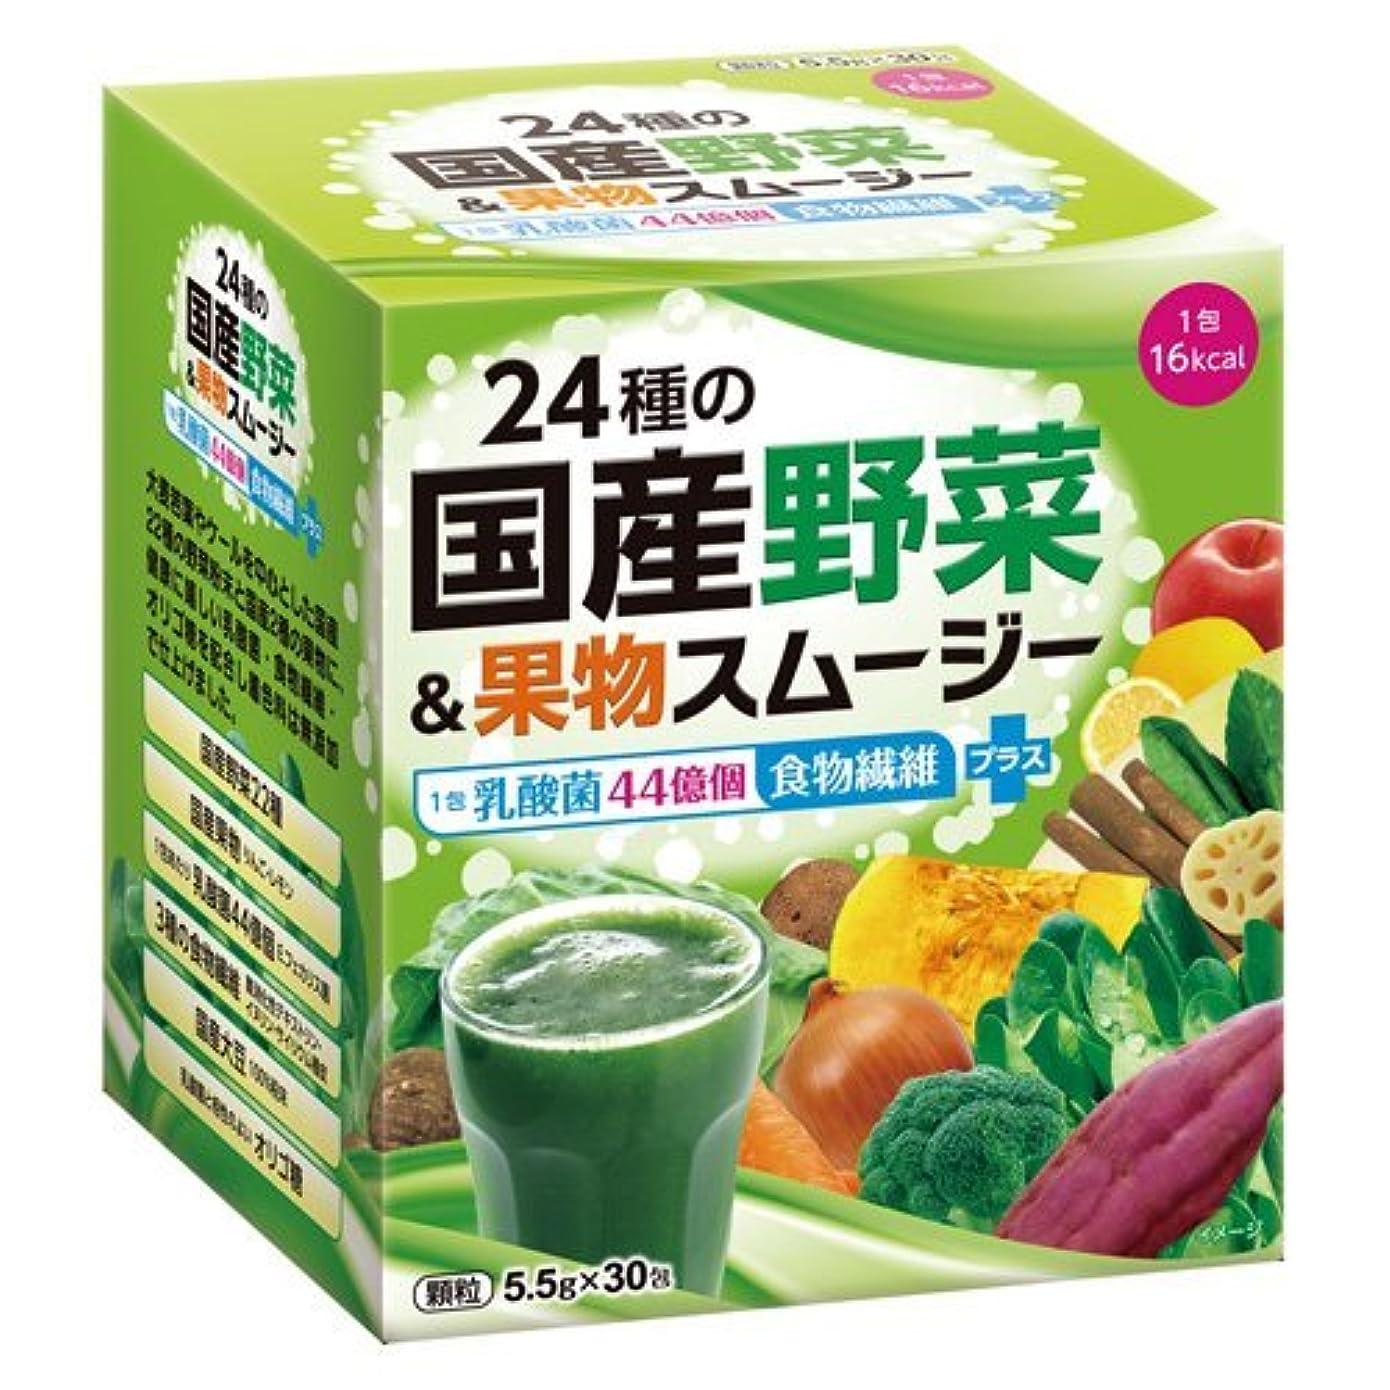 相互接続産地コモランマ24種の国産野菜&果物スムージー 165g(5.5g×30包)